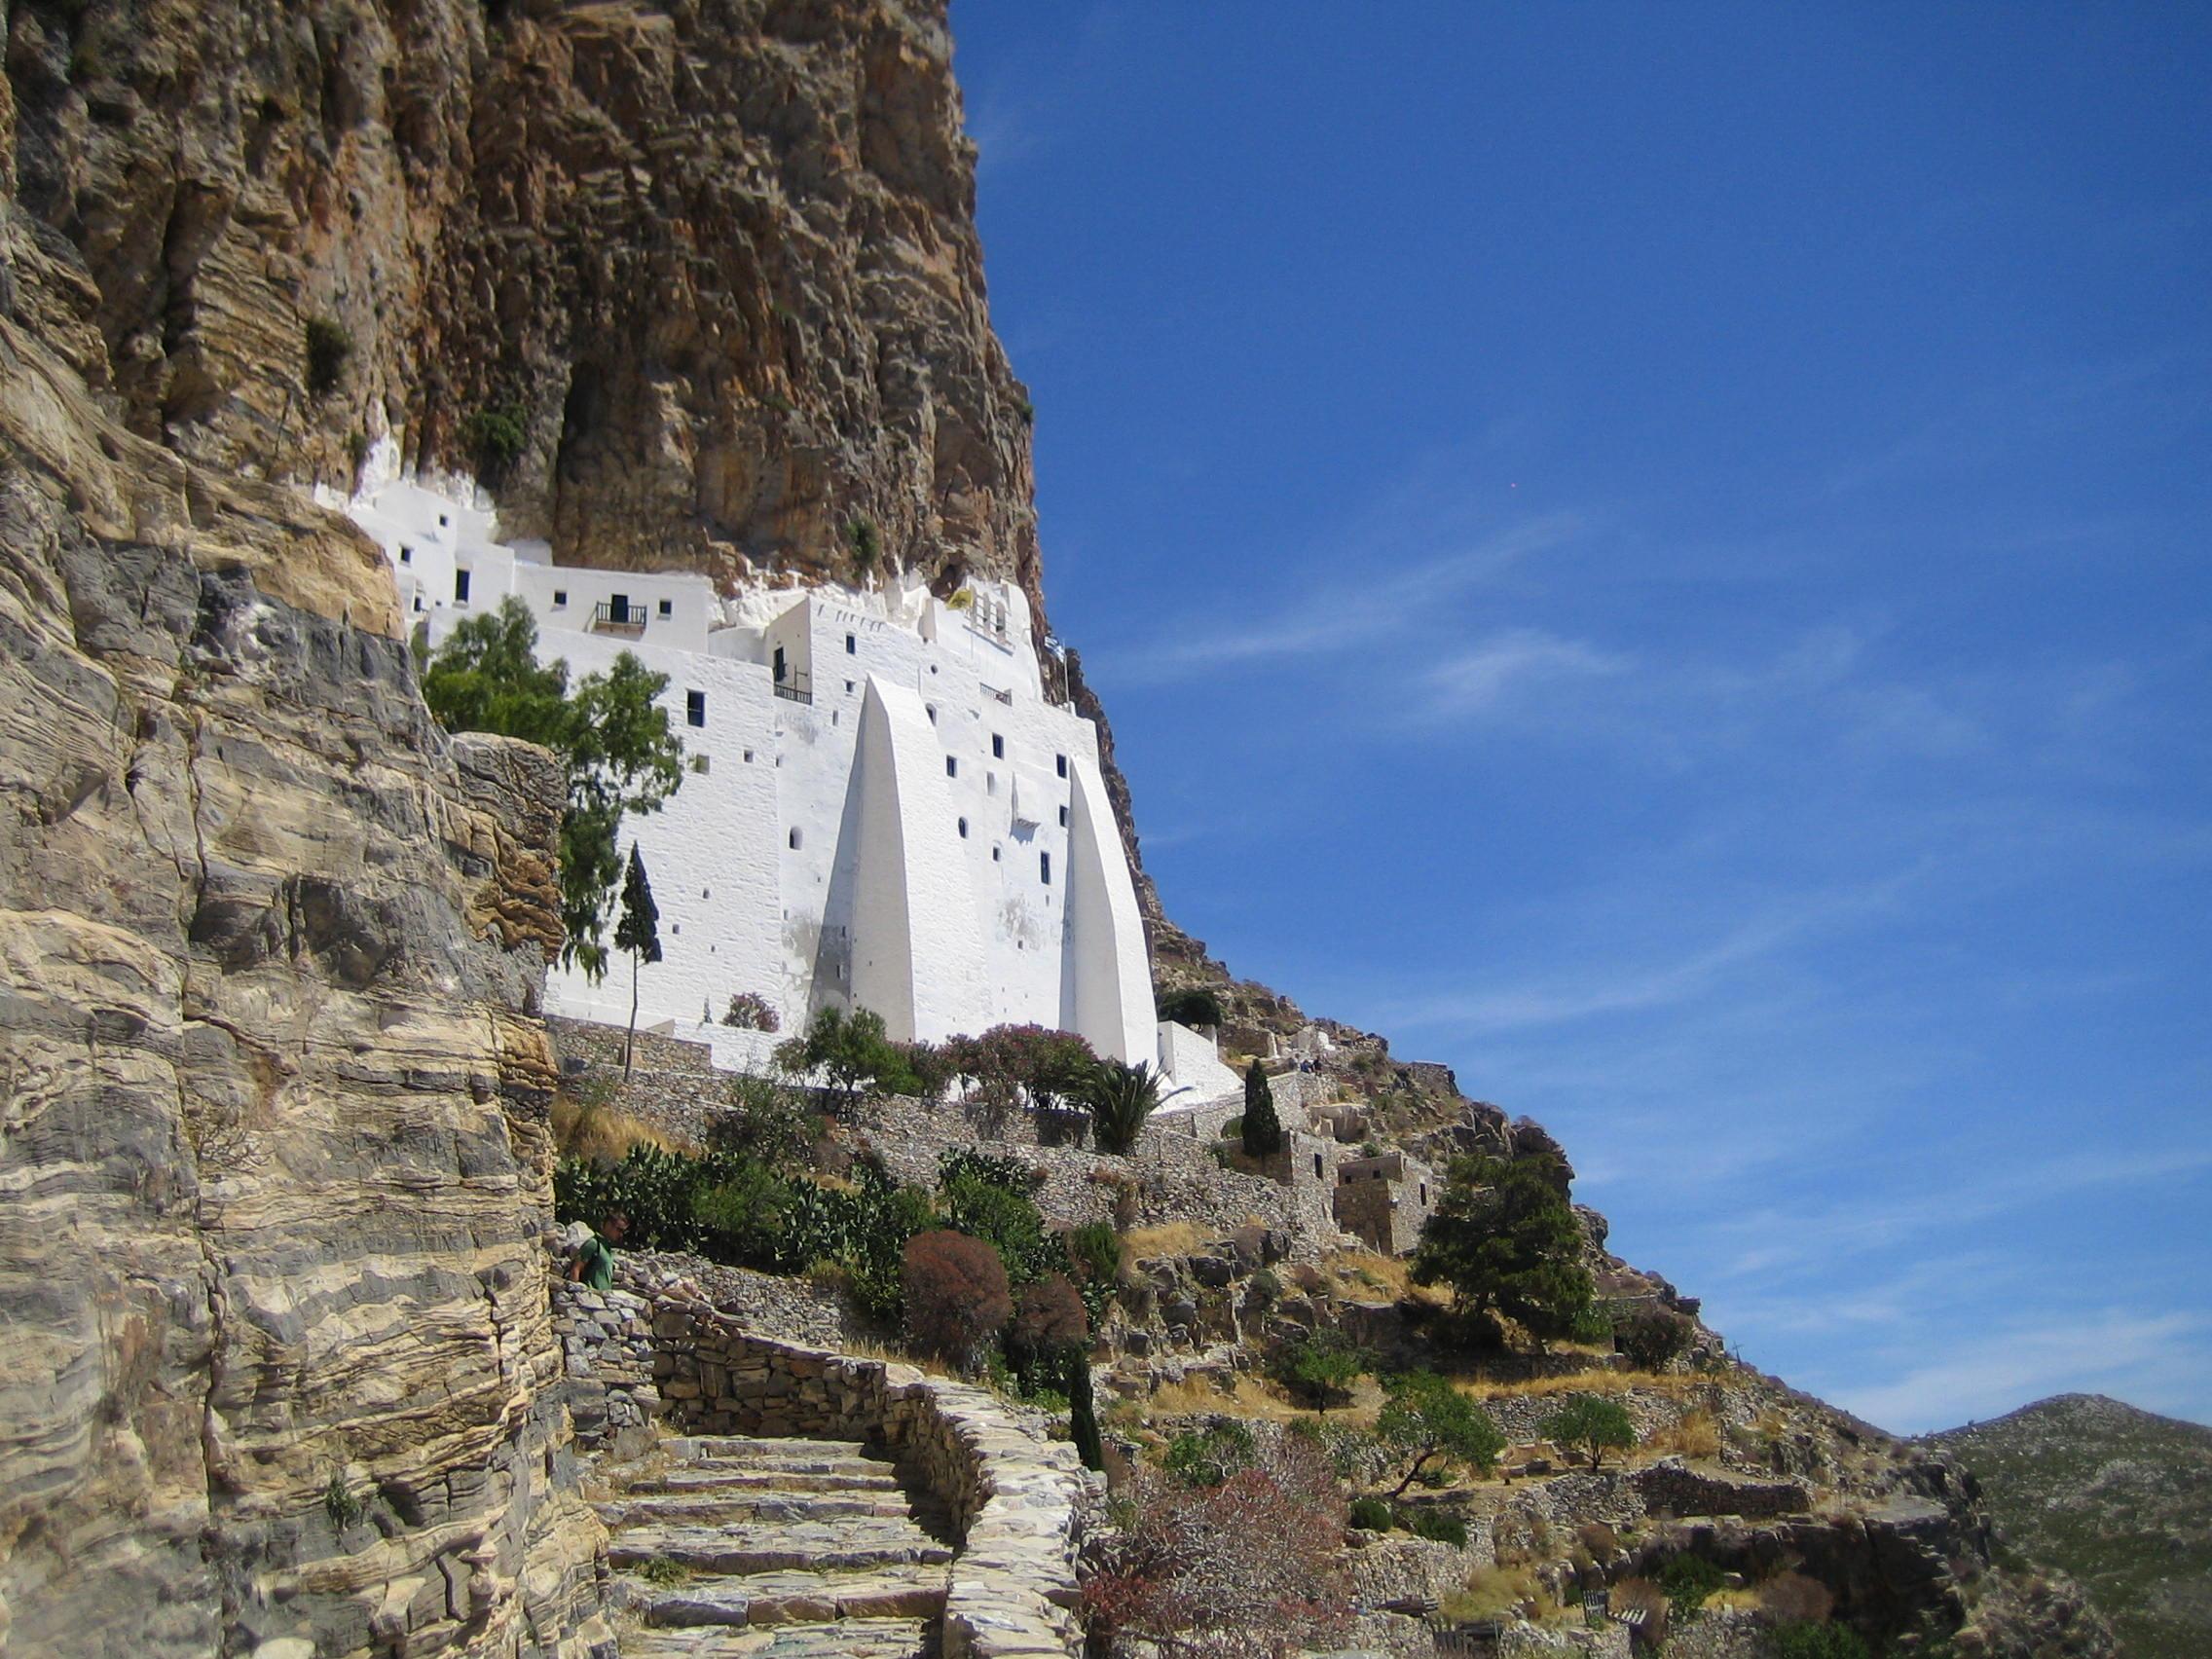 Abbey of Hozoviotissa, Monastery of Hozoviotissa